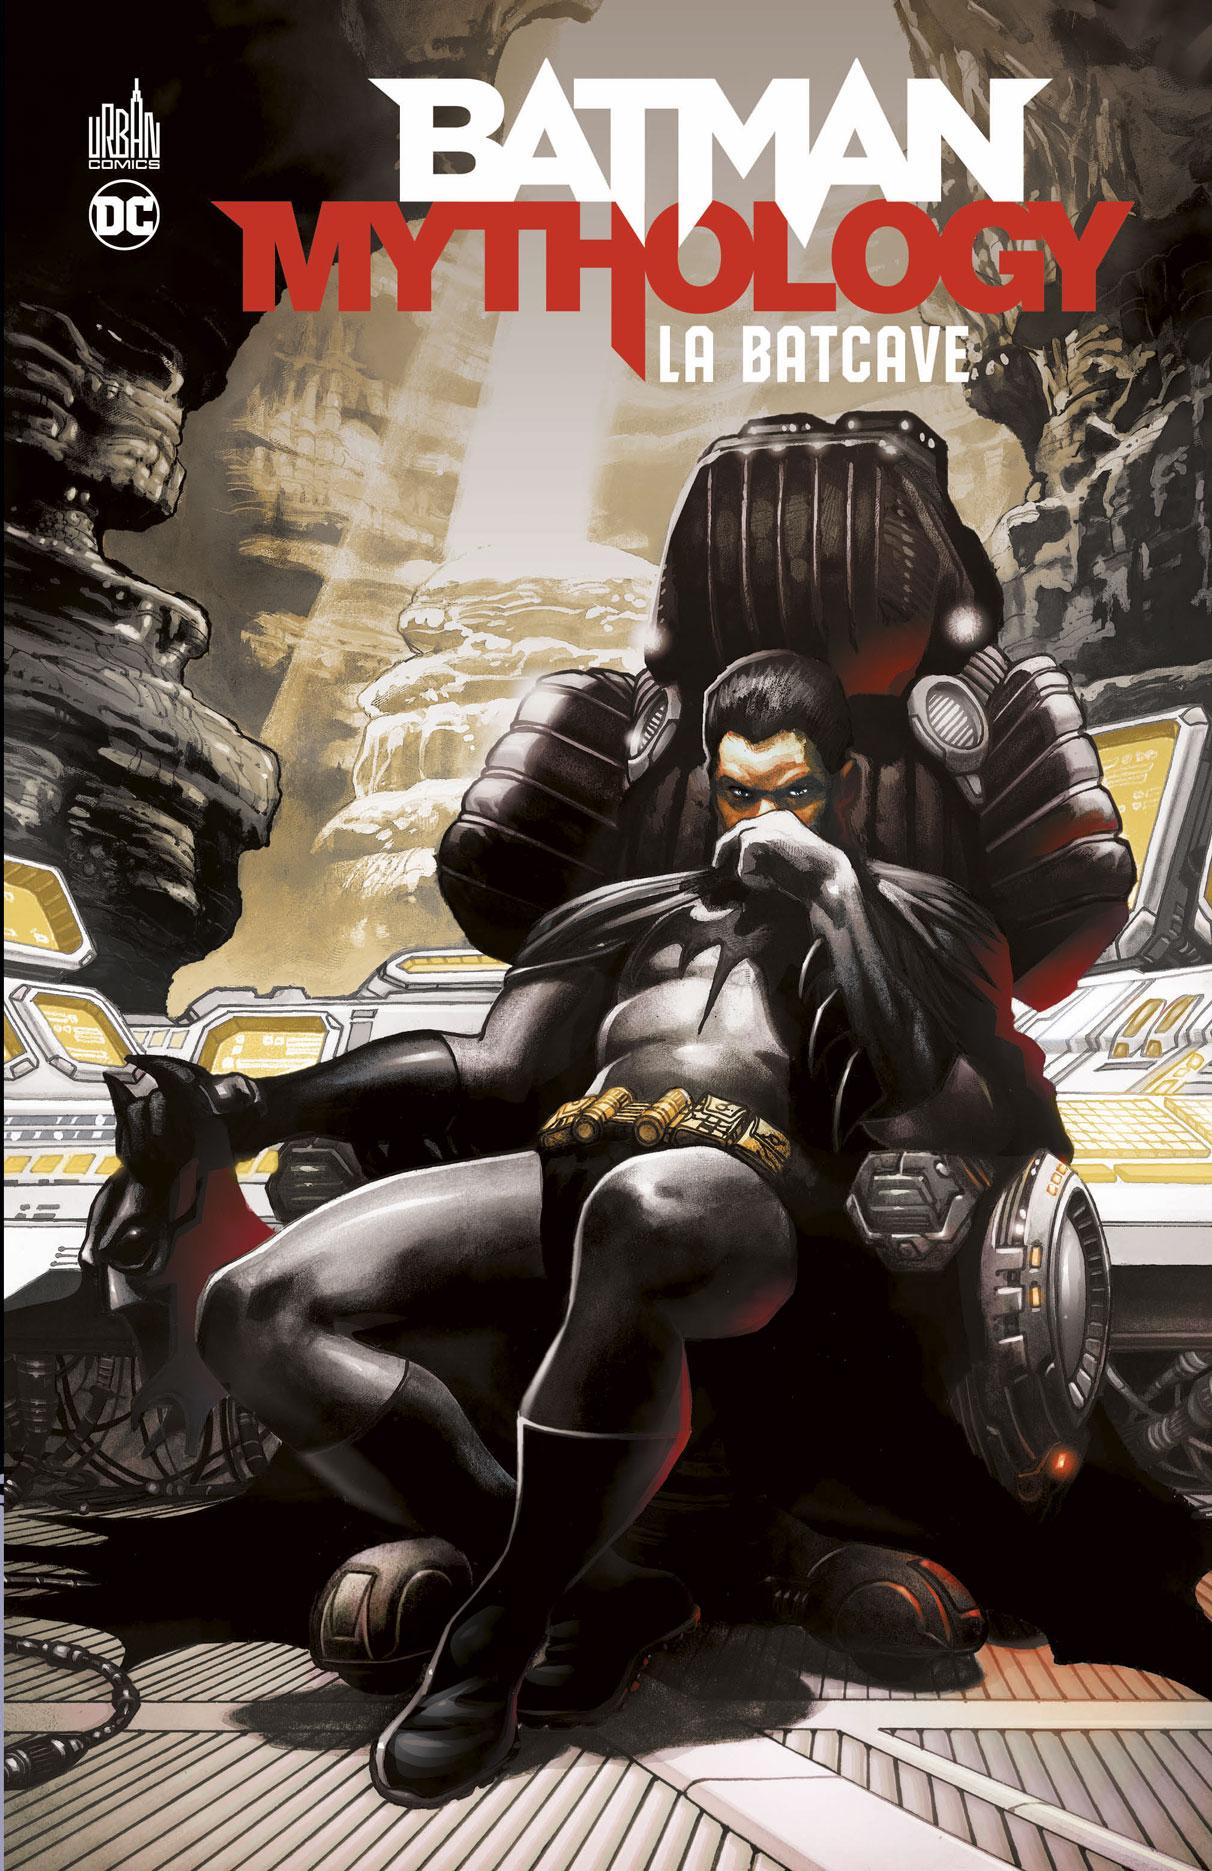 Batman mythology - la batcave 1